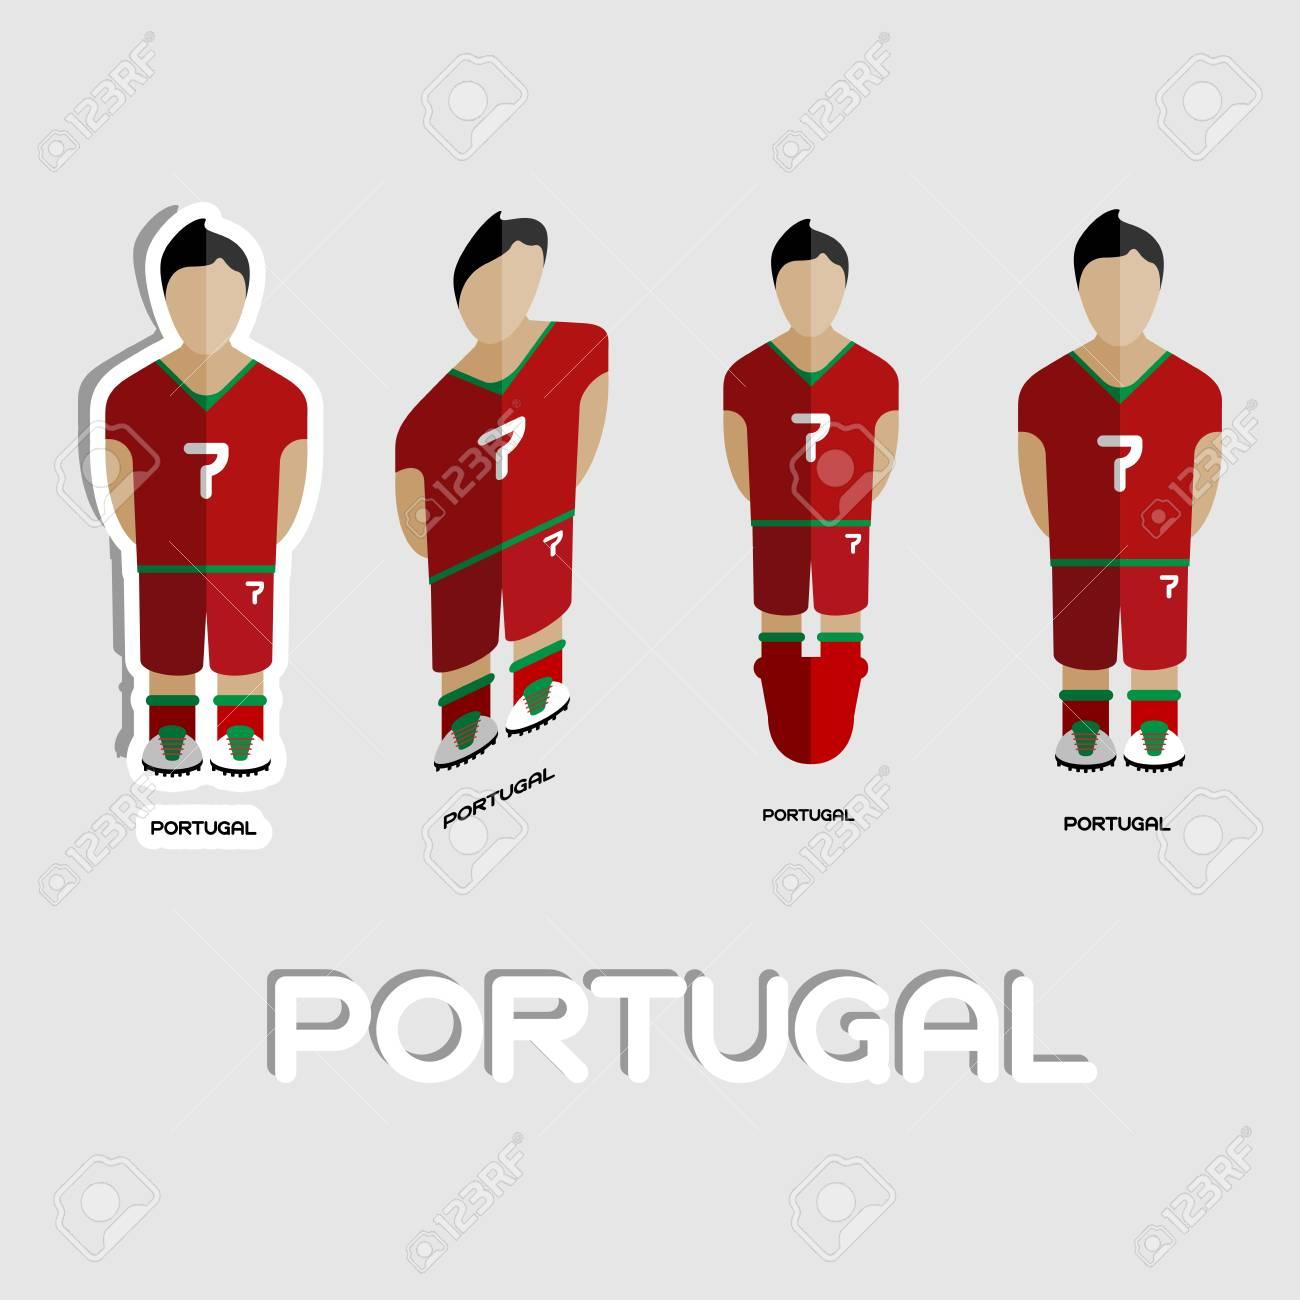 a463b2bc112c1 Fútbol De Portugal Plantilla De Deporte De Equipo. Vista Frontal De La  Actividad Al Aire Libre Ropa De Deporte Para Los Hombres Y Los Niños.